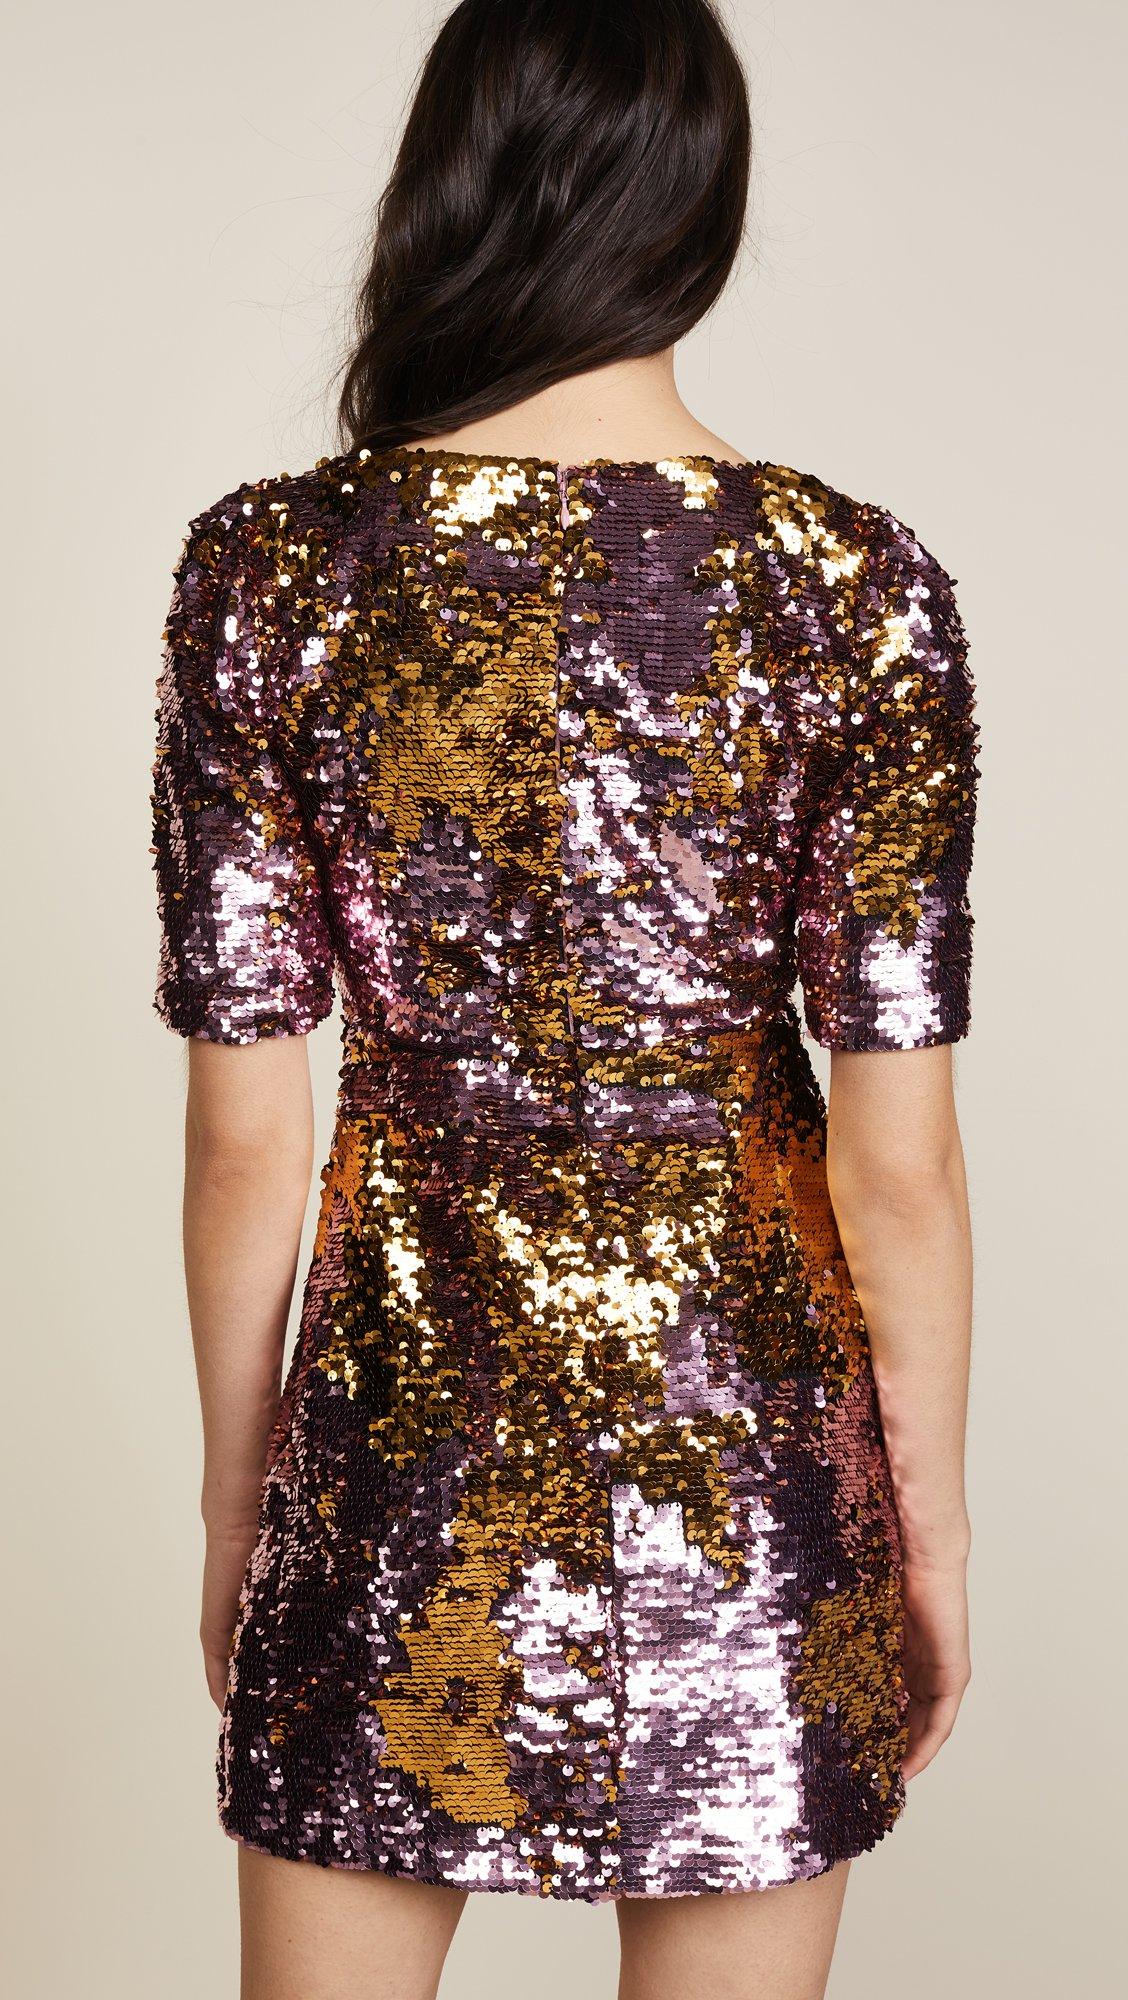 For Love & Lemons Women's Sparklers Party Dress, Dusty Rose, Medium by For Love & Lemons (Image #3)